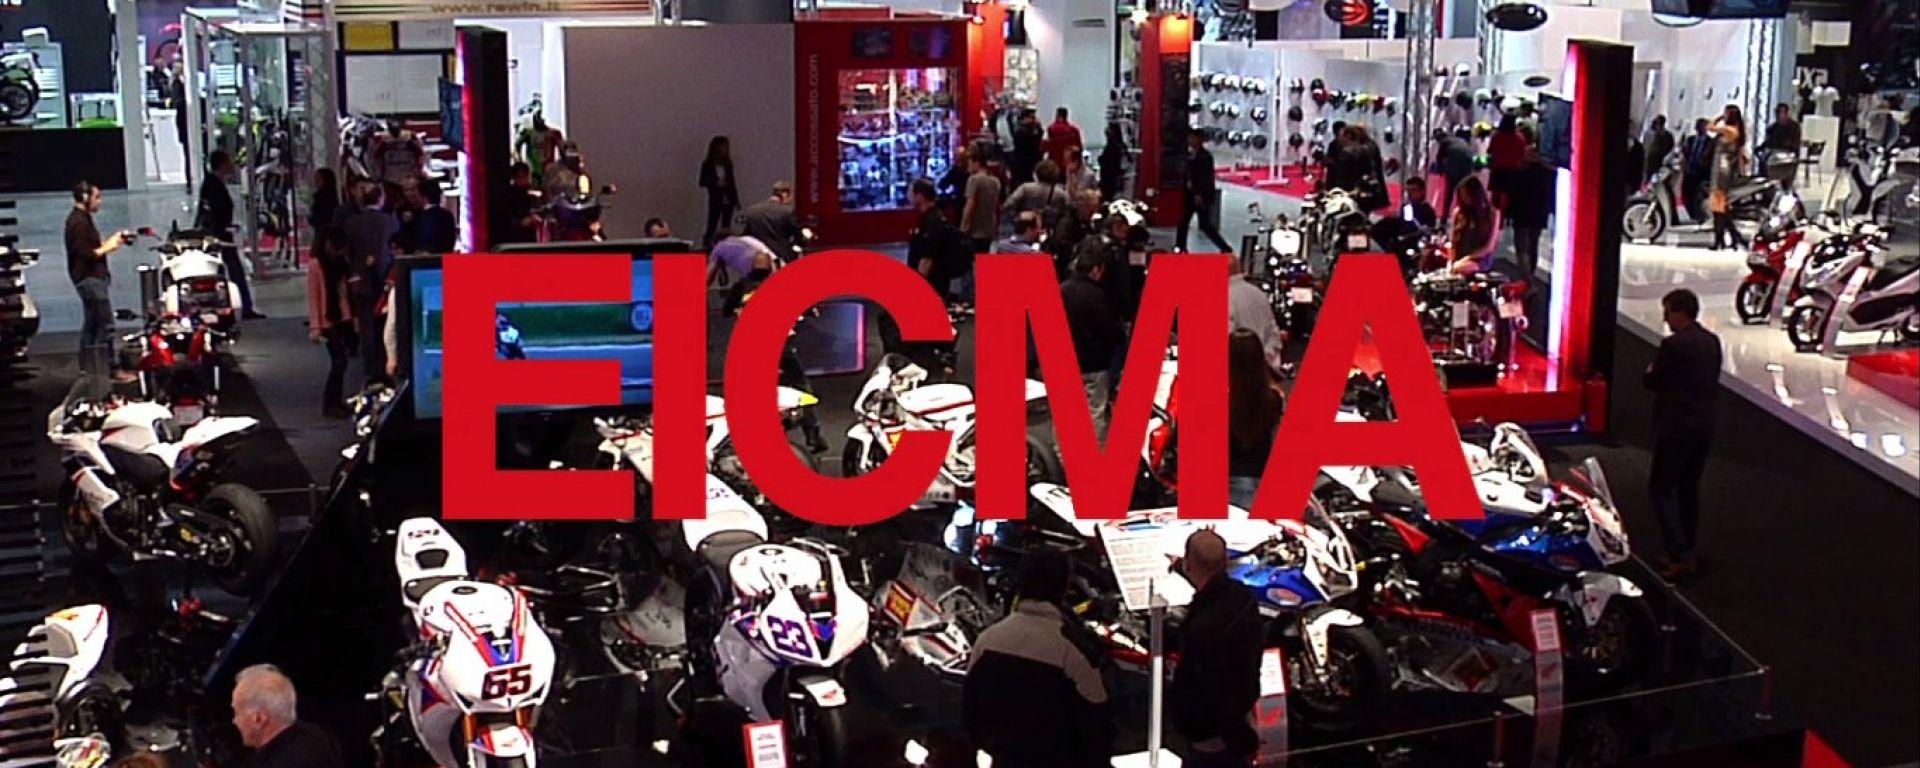 EICMA 2012, il primo video del Salone di Milano